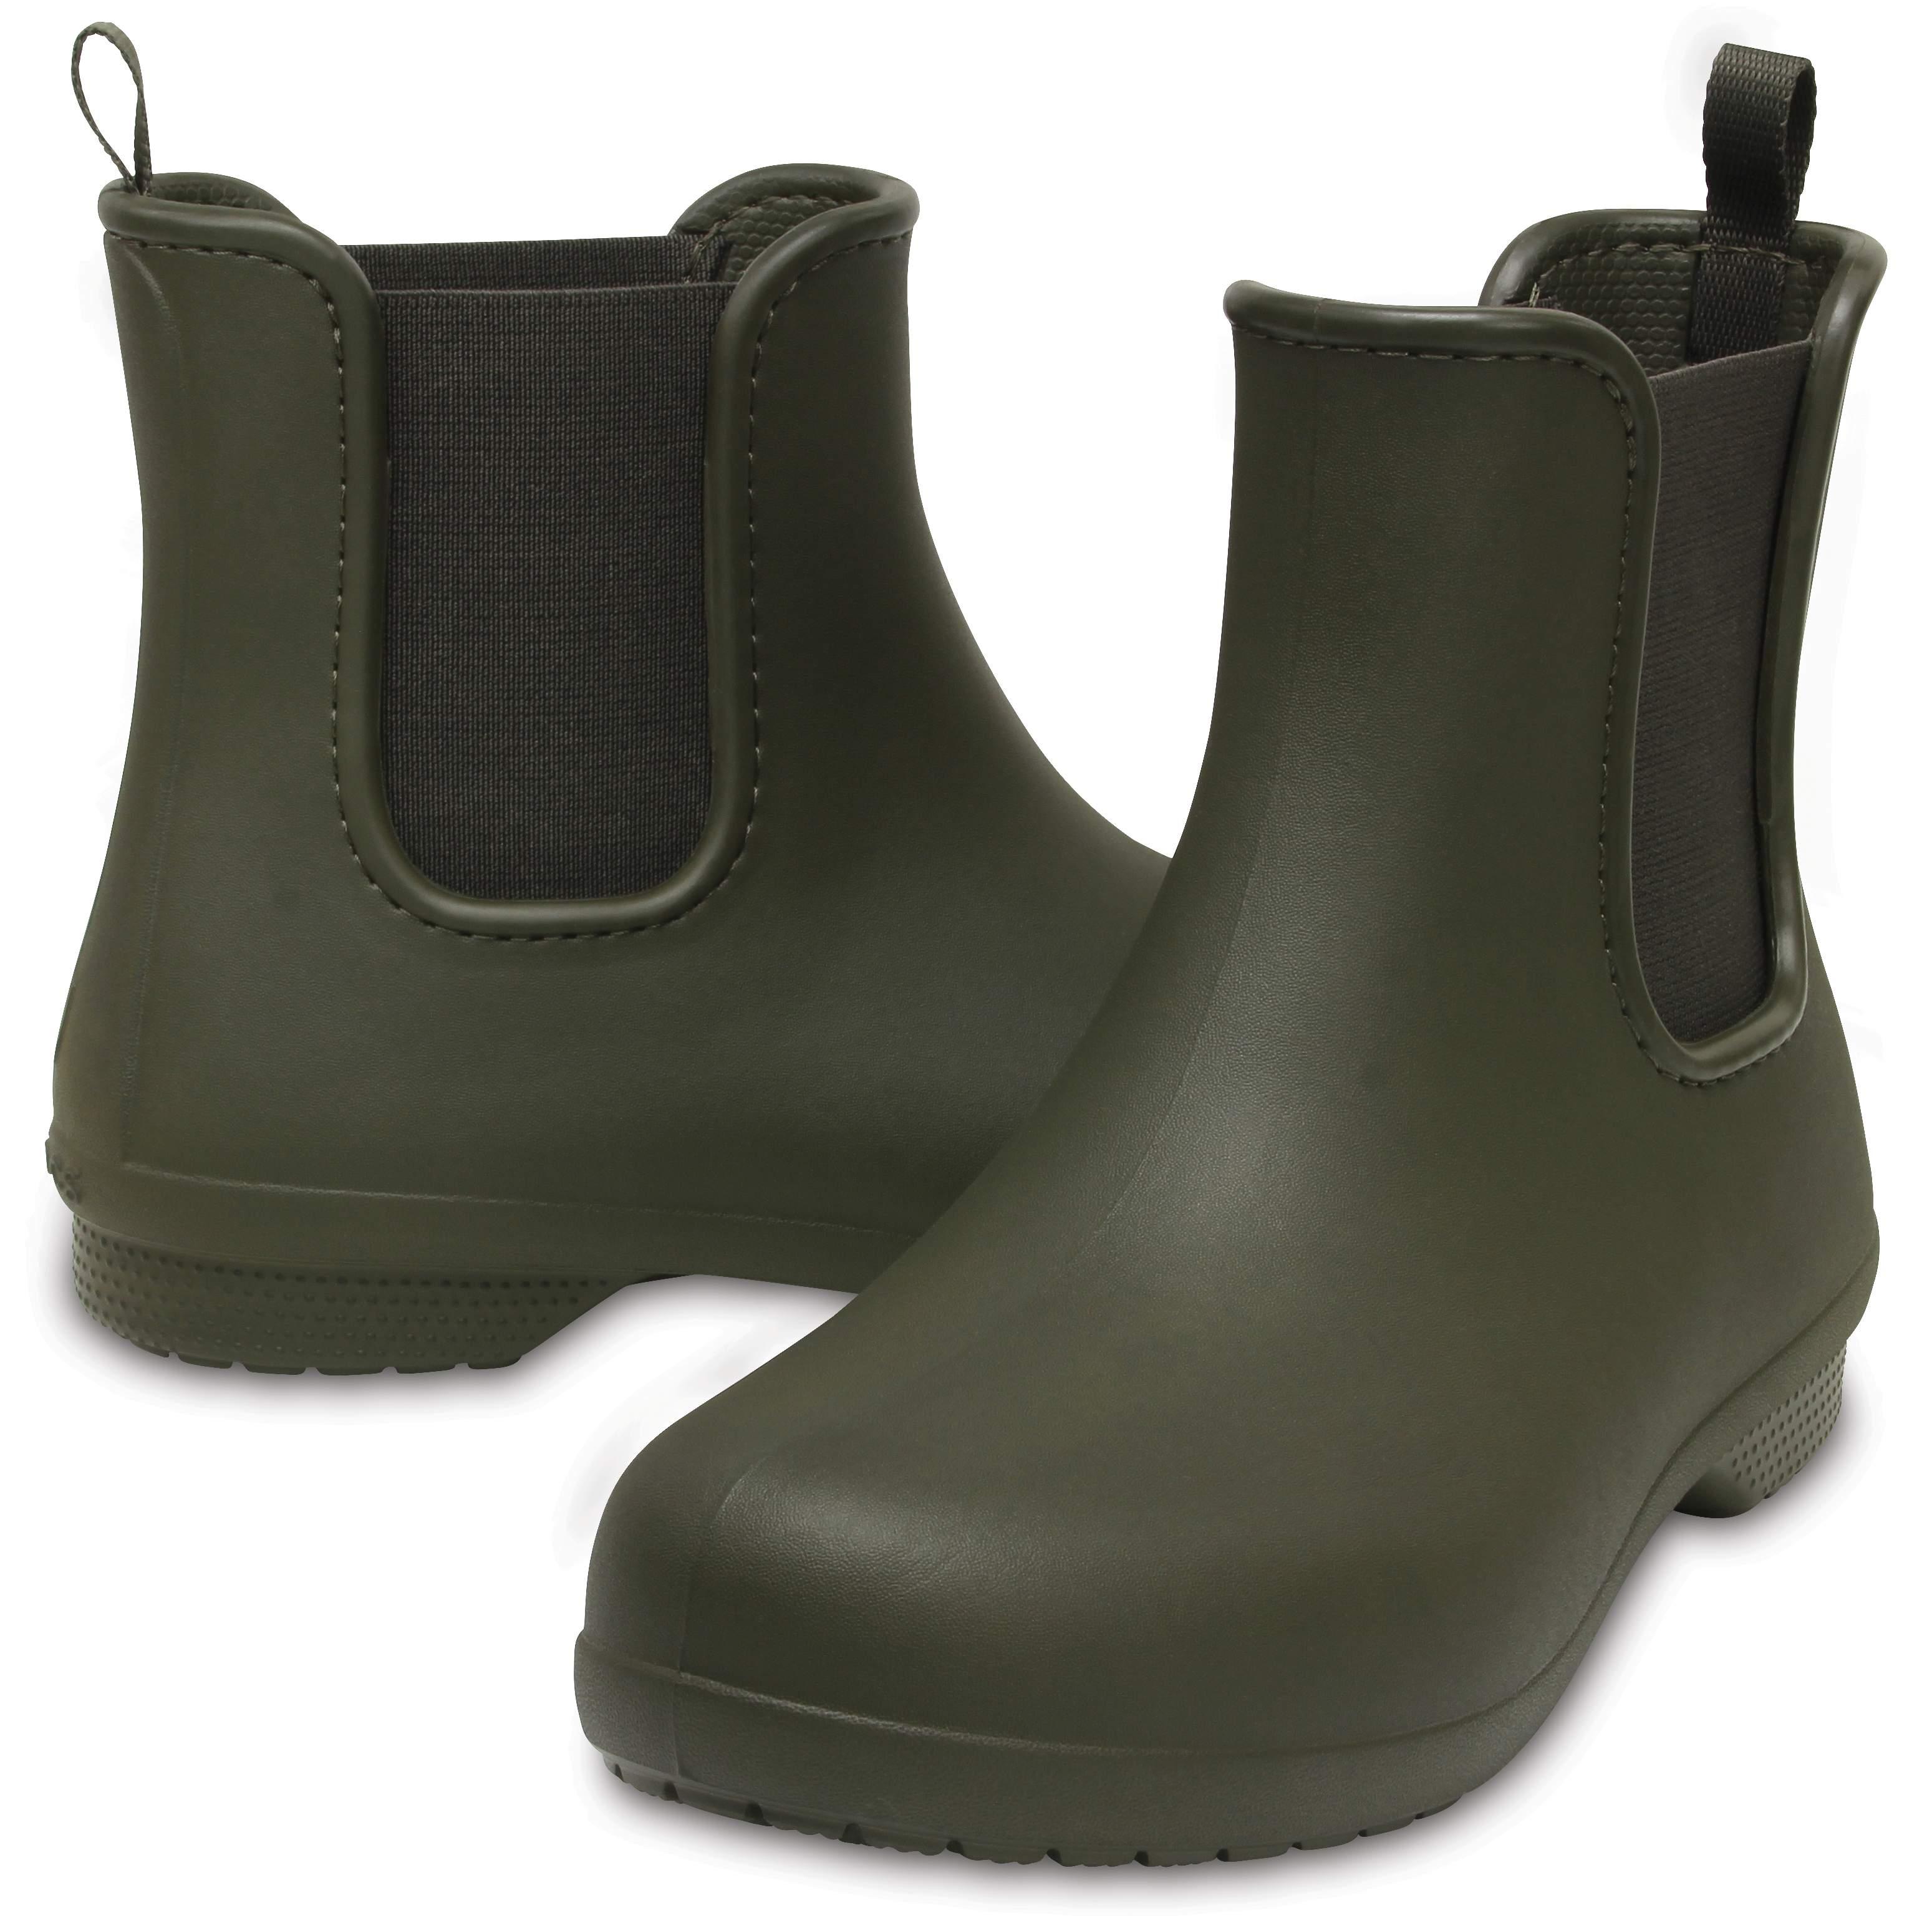 【クロックス公式】 クロックス フリーセイル チェルシー ブーツ ウィメン Women's Crocs Freesail Chelsea Boot ウィメンズ、レディース、女性用 グリーン/緑 21cm,22cm,23cm,24cm,25cm,26cm boot ブーツ